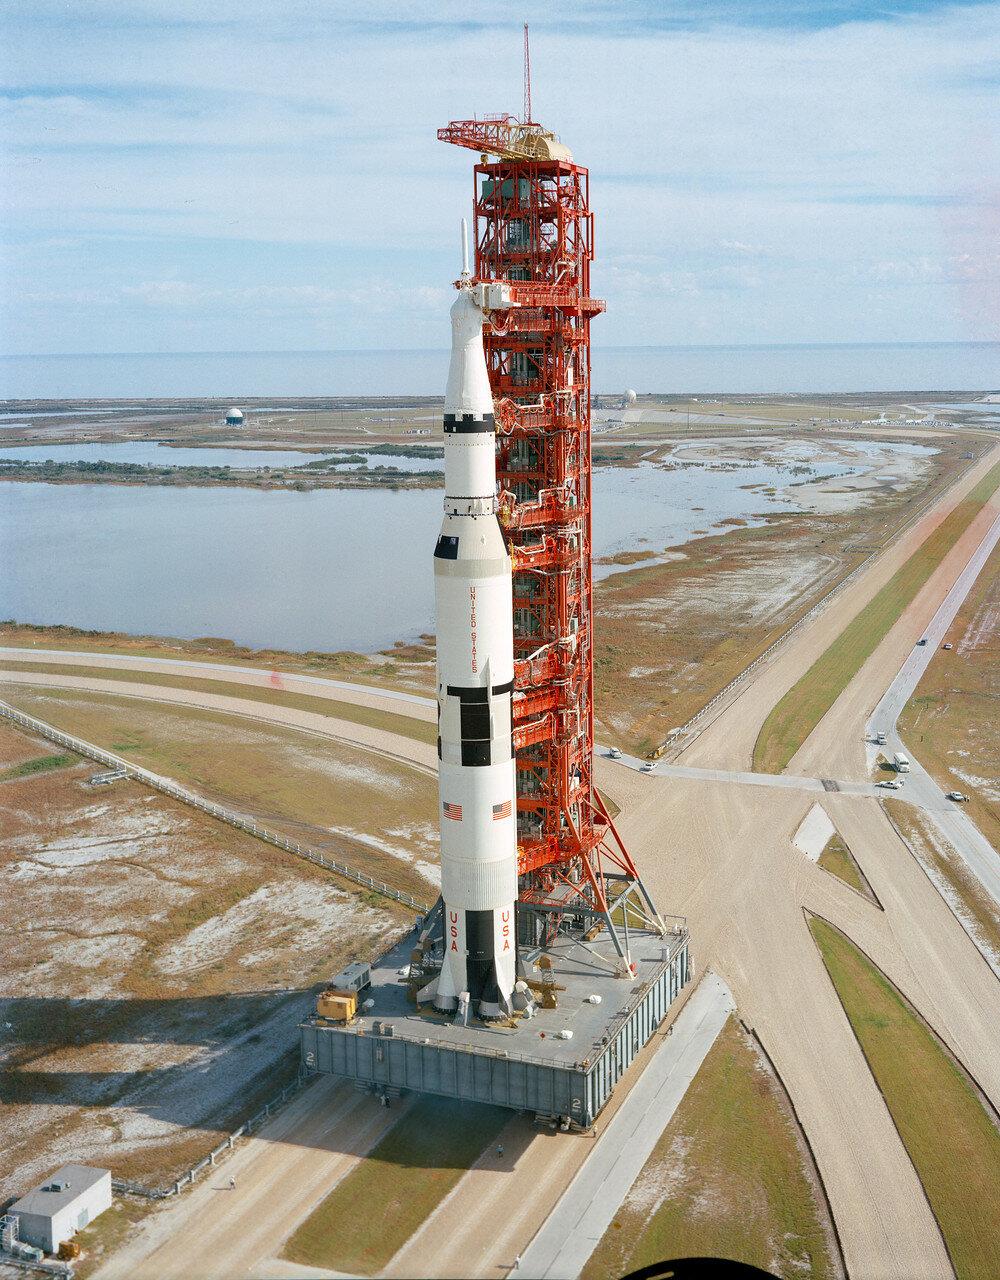 В Центре управления запуском среди почётных гостей присутствовал вице-президент США Спиро Агню и несколько министров. На космодроме и в прилегающих районах старт наблюдали около 500 тысяч человек.